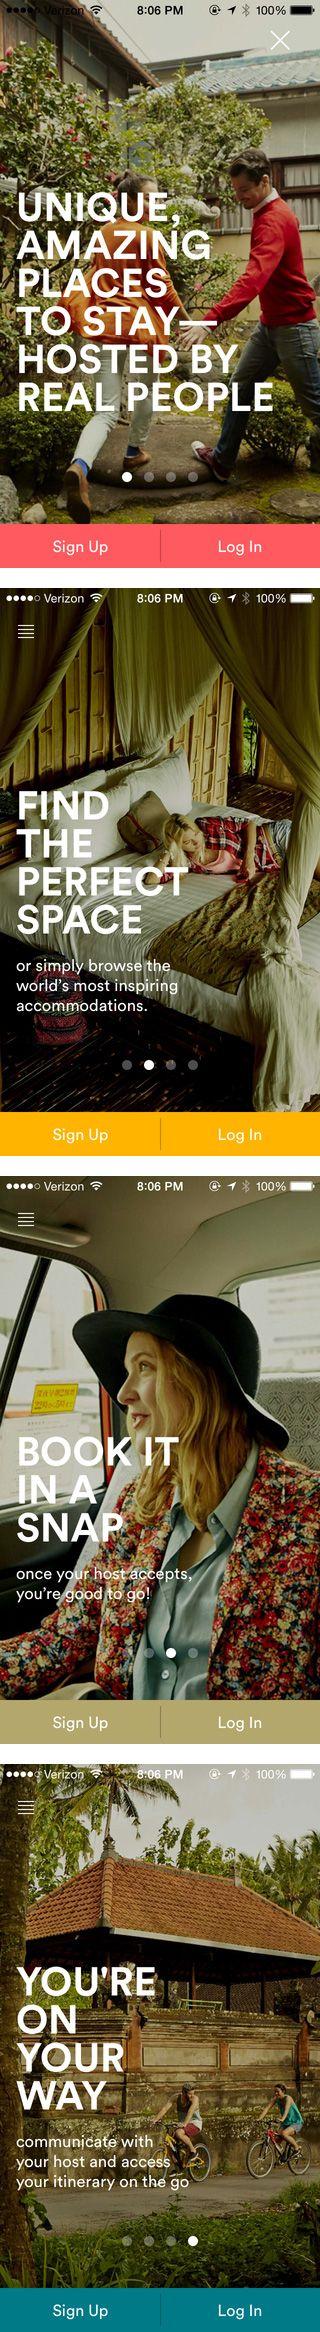 Airbnb App Intro